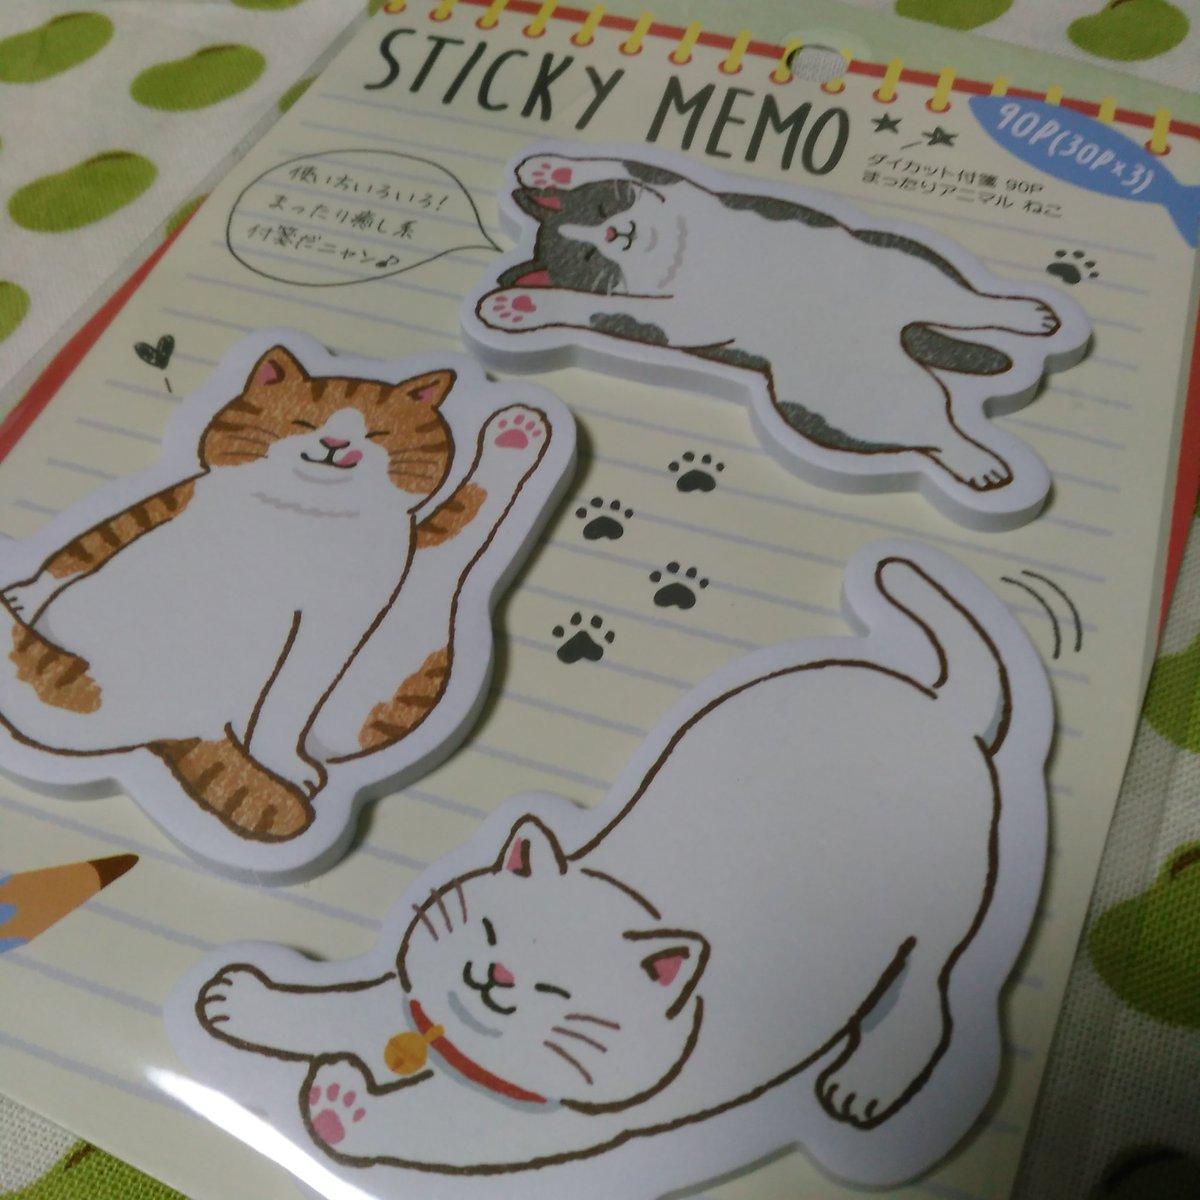 test ツイッターメディア - #セリア で可愛いメモ帳と付箋 見つけた~????  #猫雑貨 https://t.co/TxcdsUJ4ww